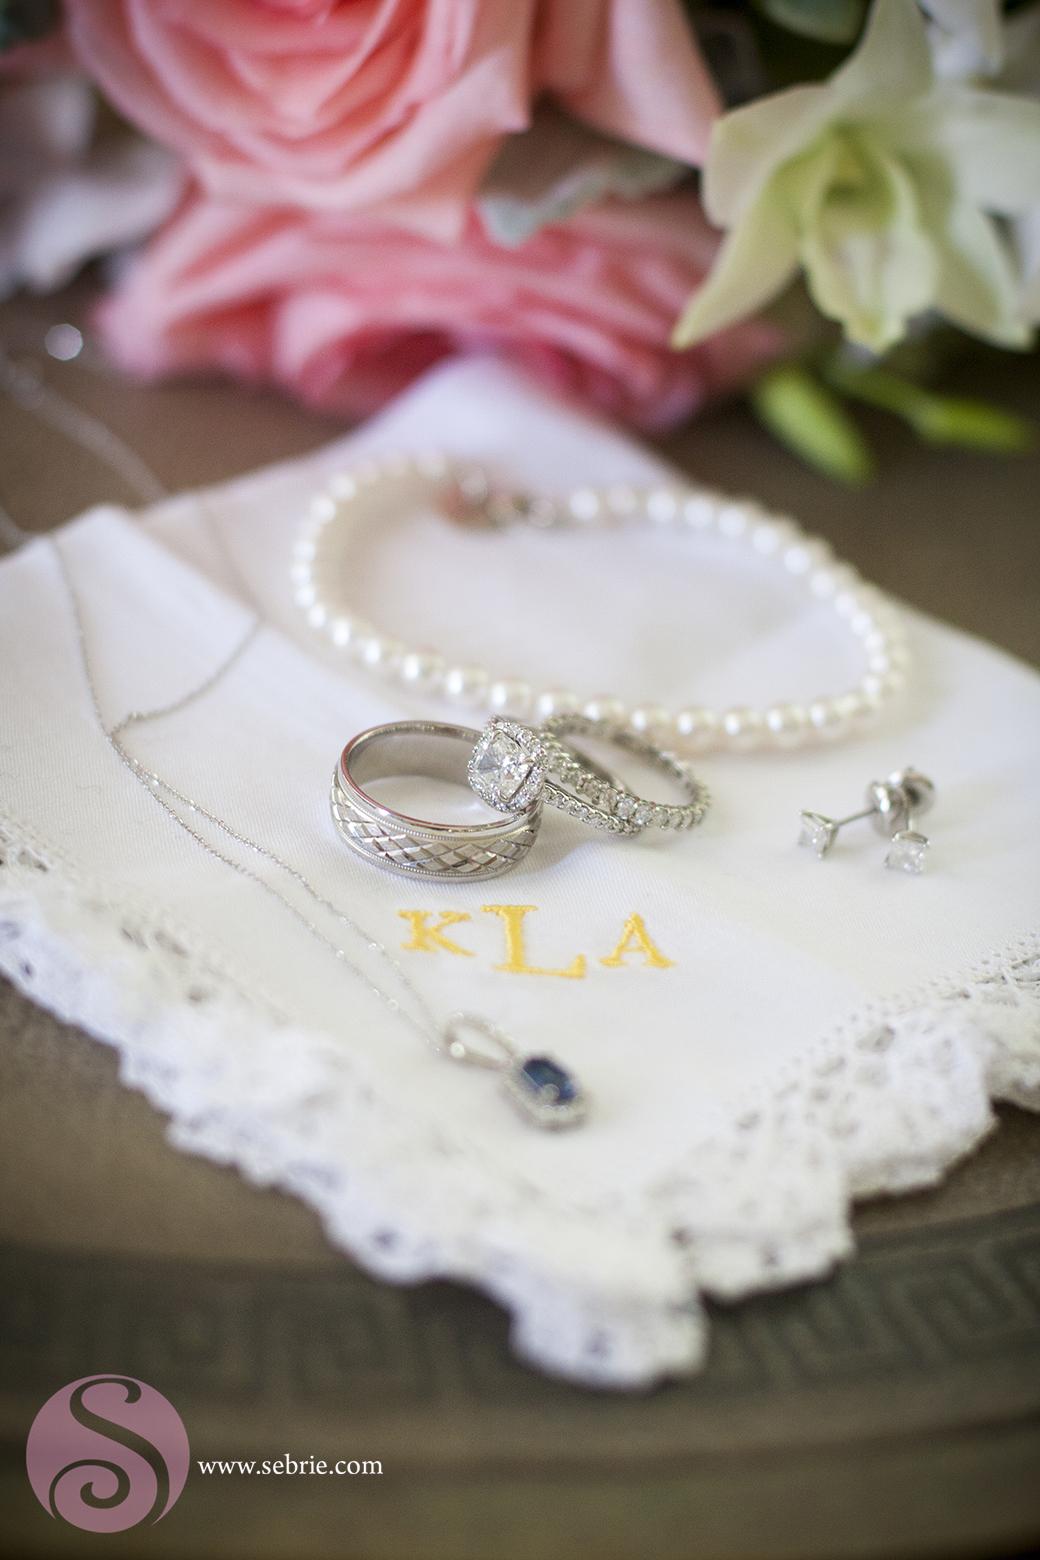 rings-detail-pearls